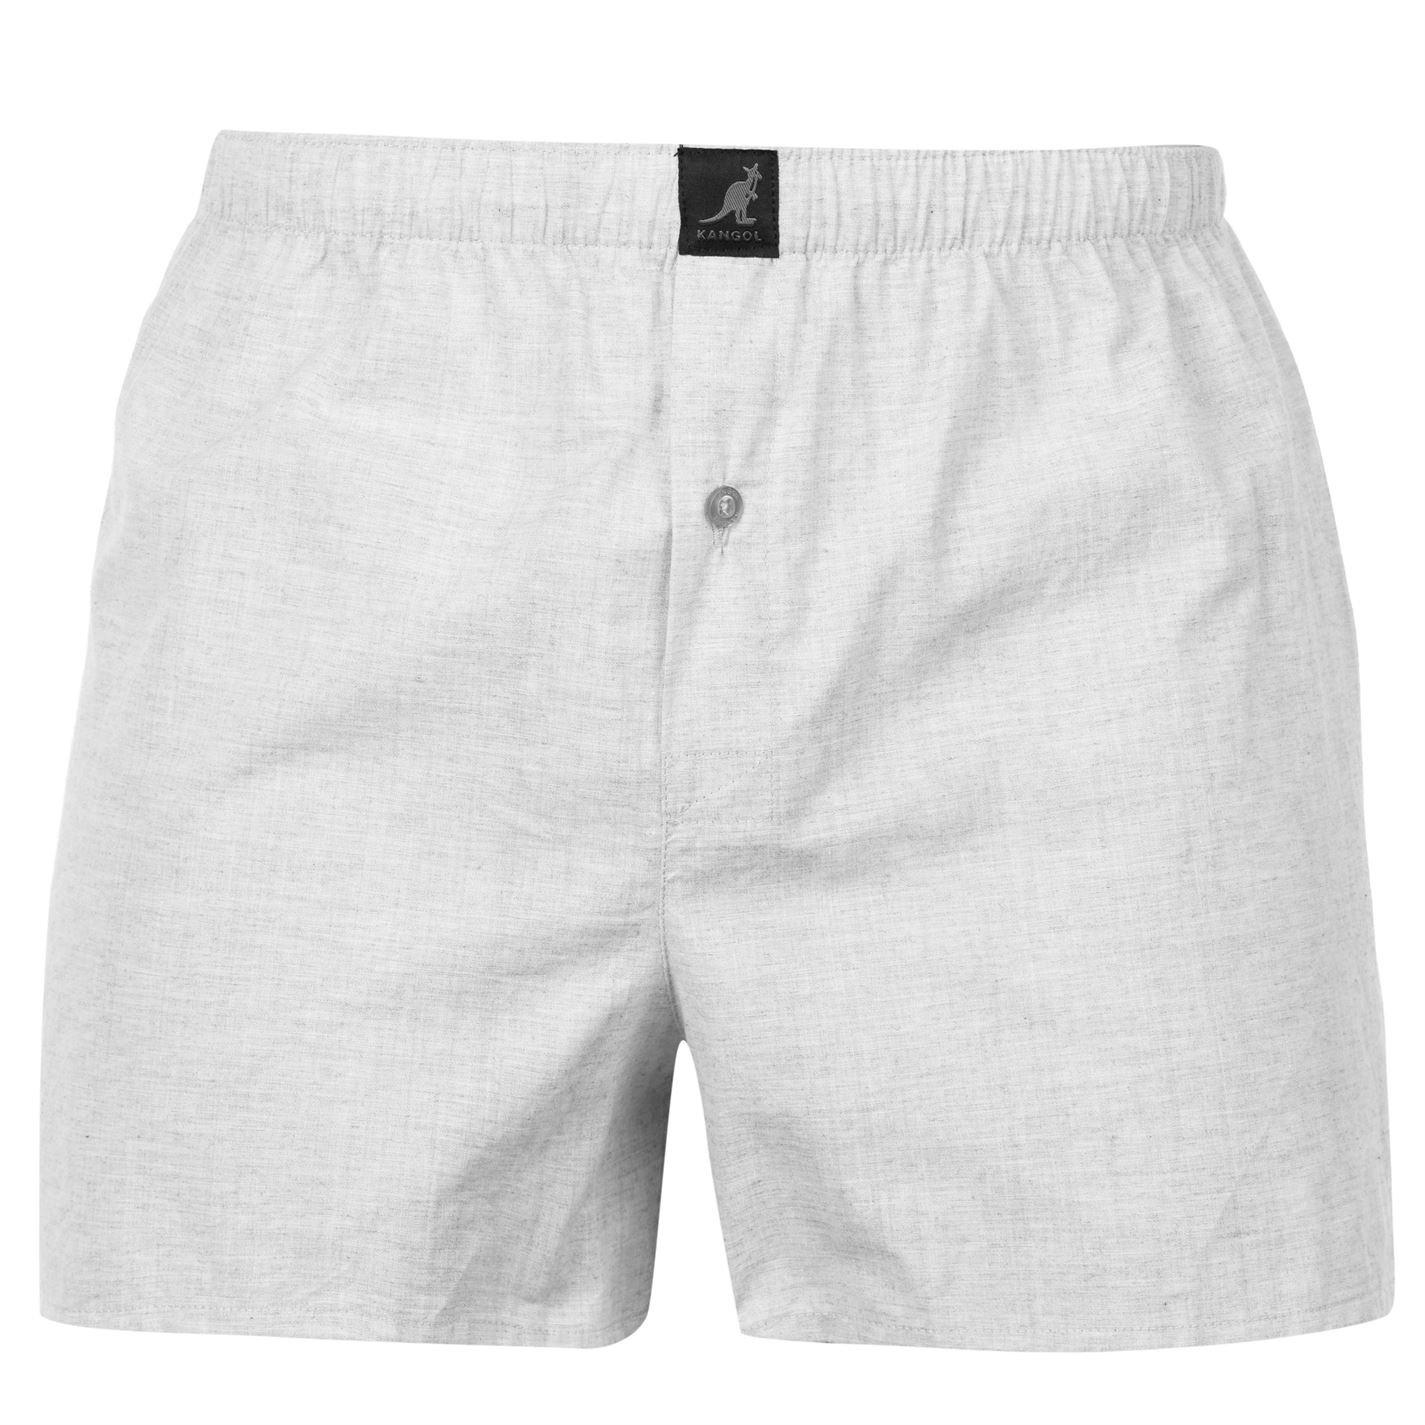 1ec6cb227438e0 Kangol Mens Boxer Shorts 4 Pack: Amazon.co.uk: Clothing